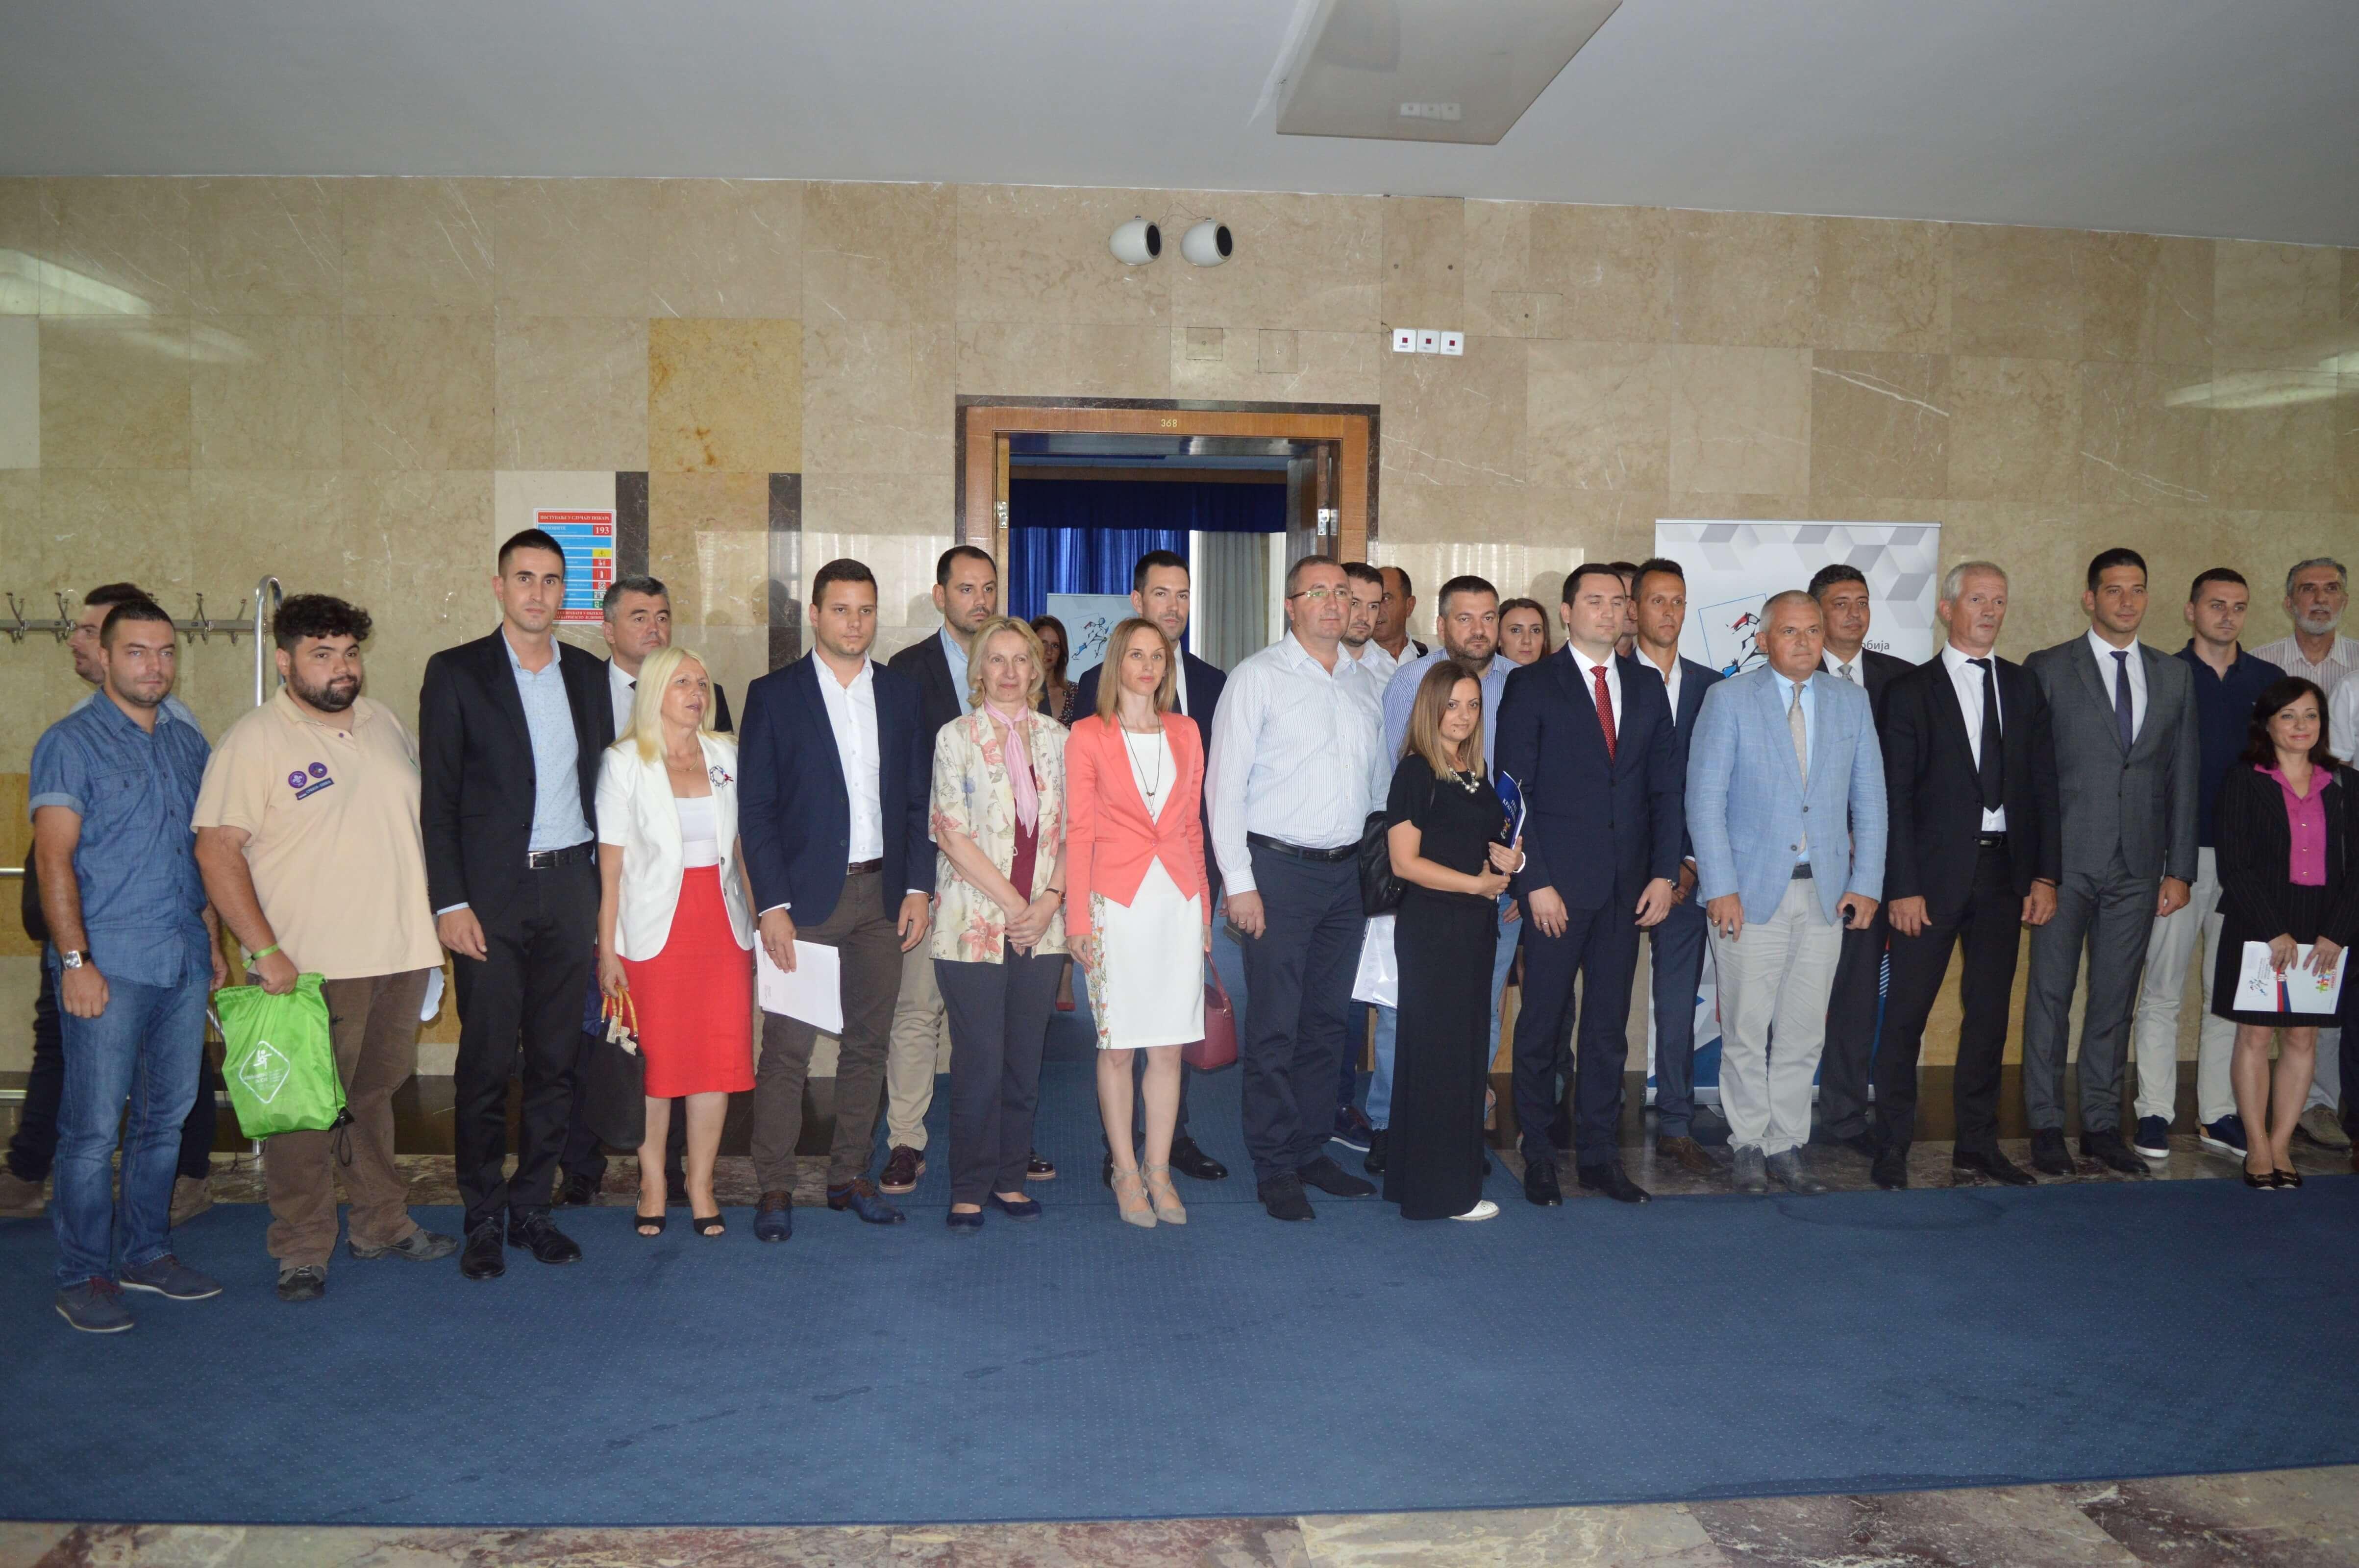 Потписници уговора по конкурсу за подршку јединицама локалне самоуправе у спровођењу омладинске политике на локалном нивоу.